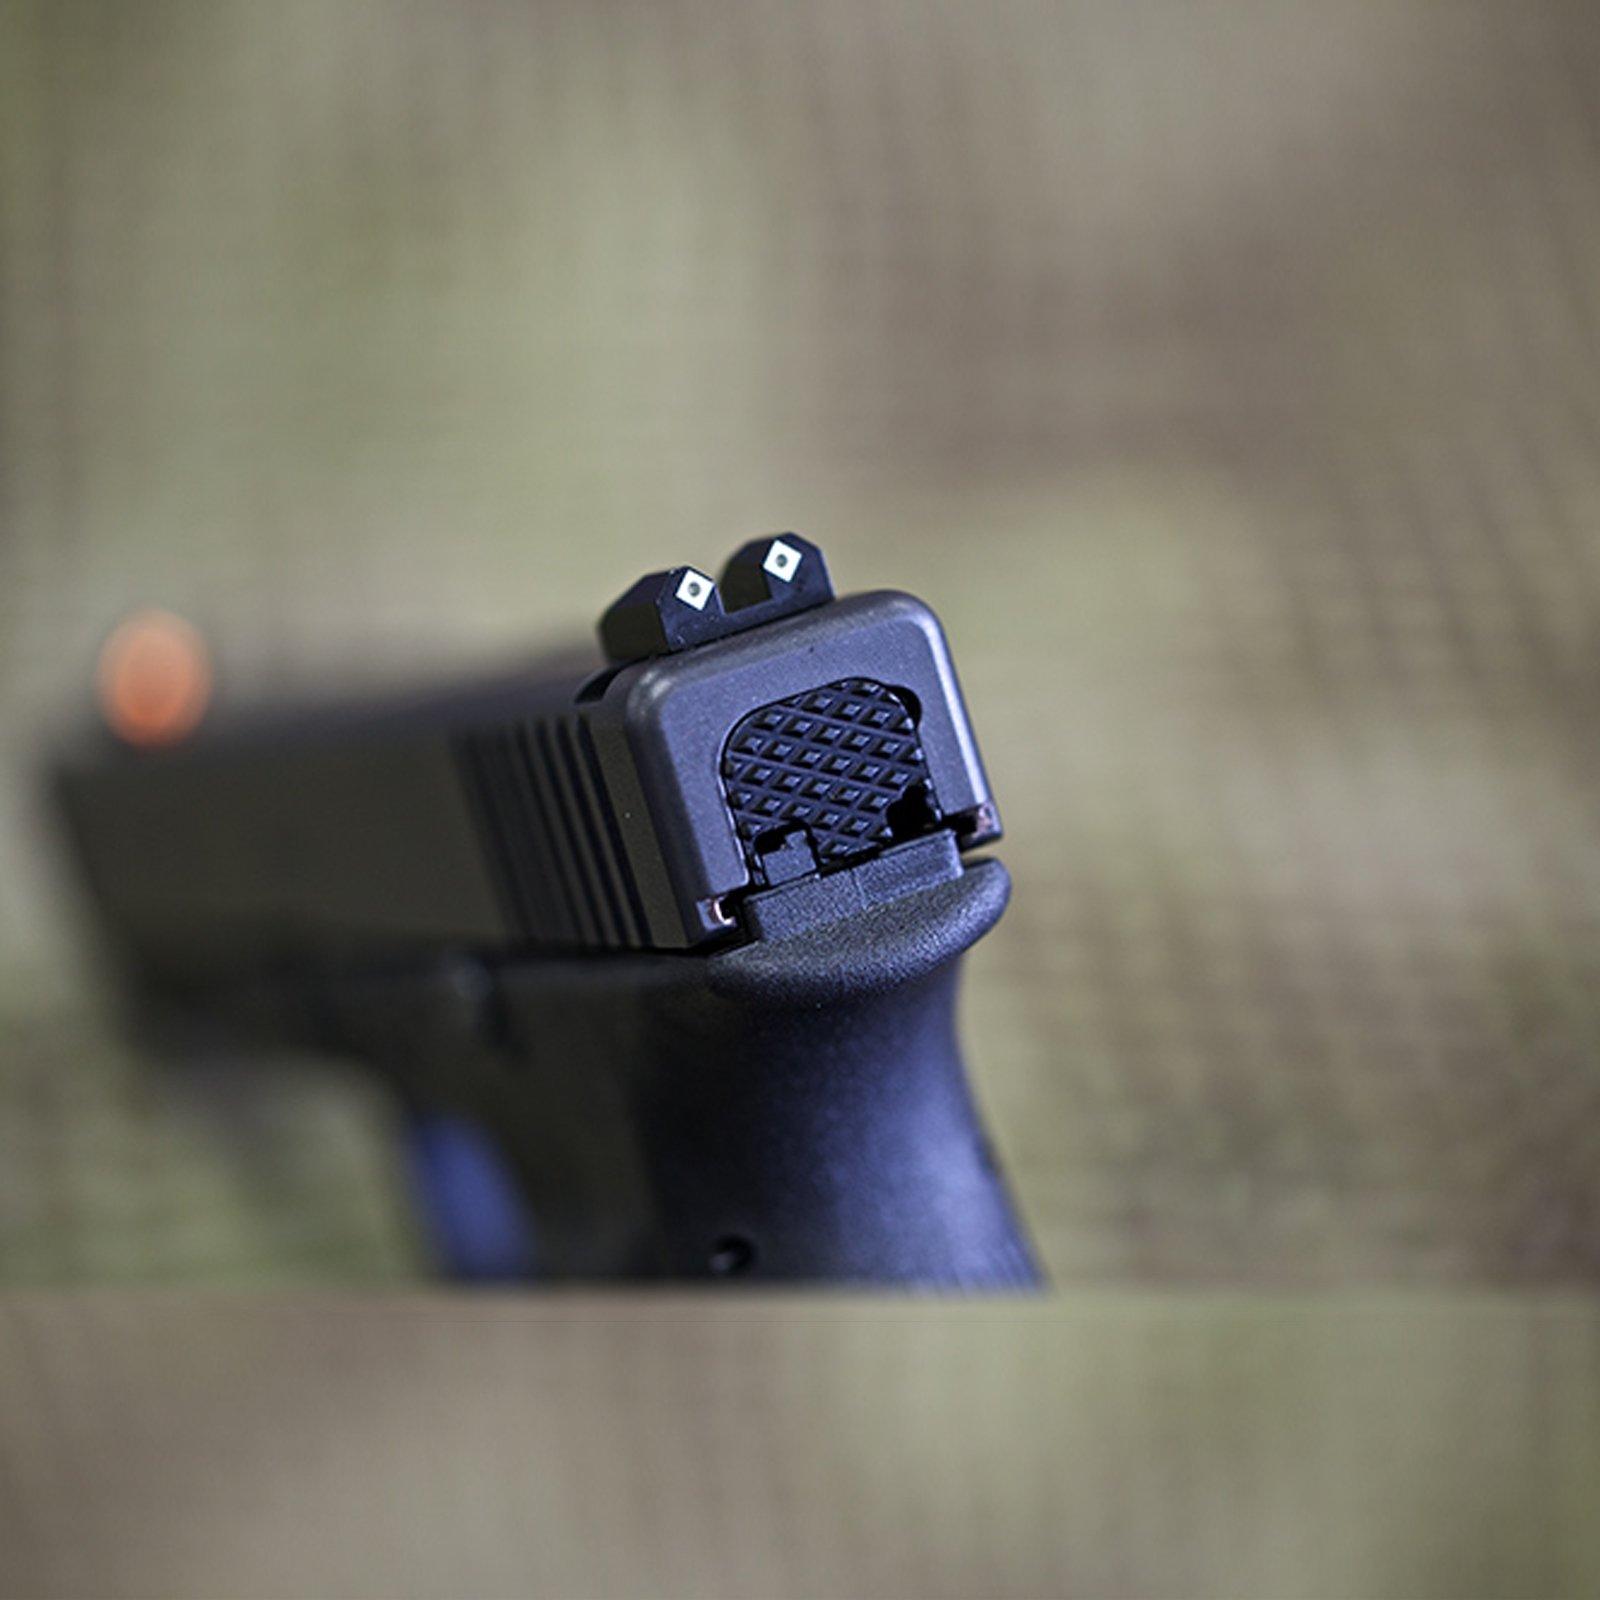 Flatline Ops Slide Cover Plate for Glock - 30 Degree Pattern